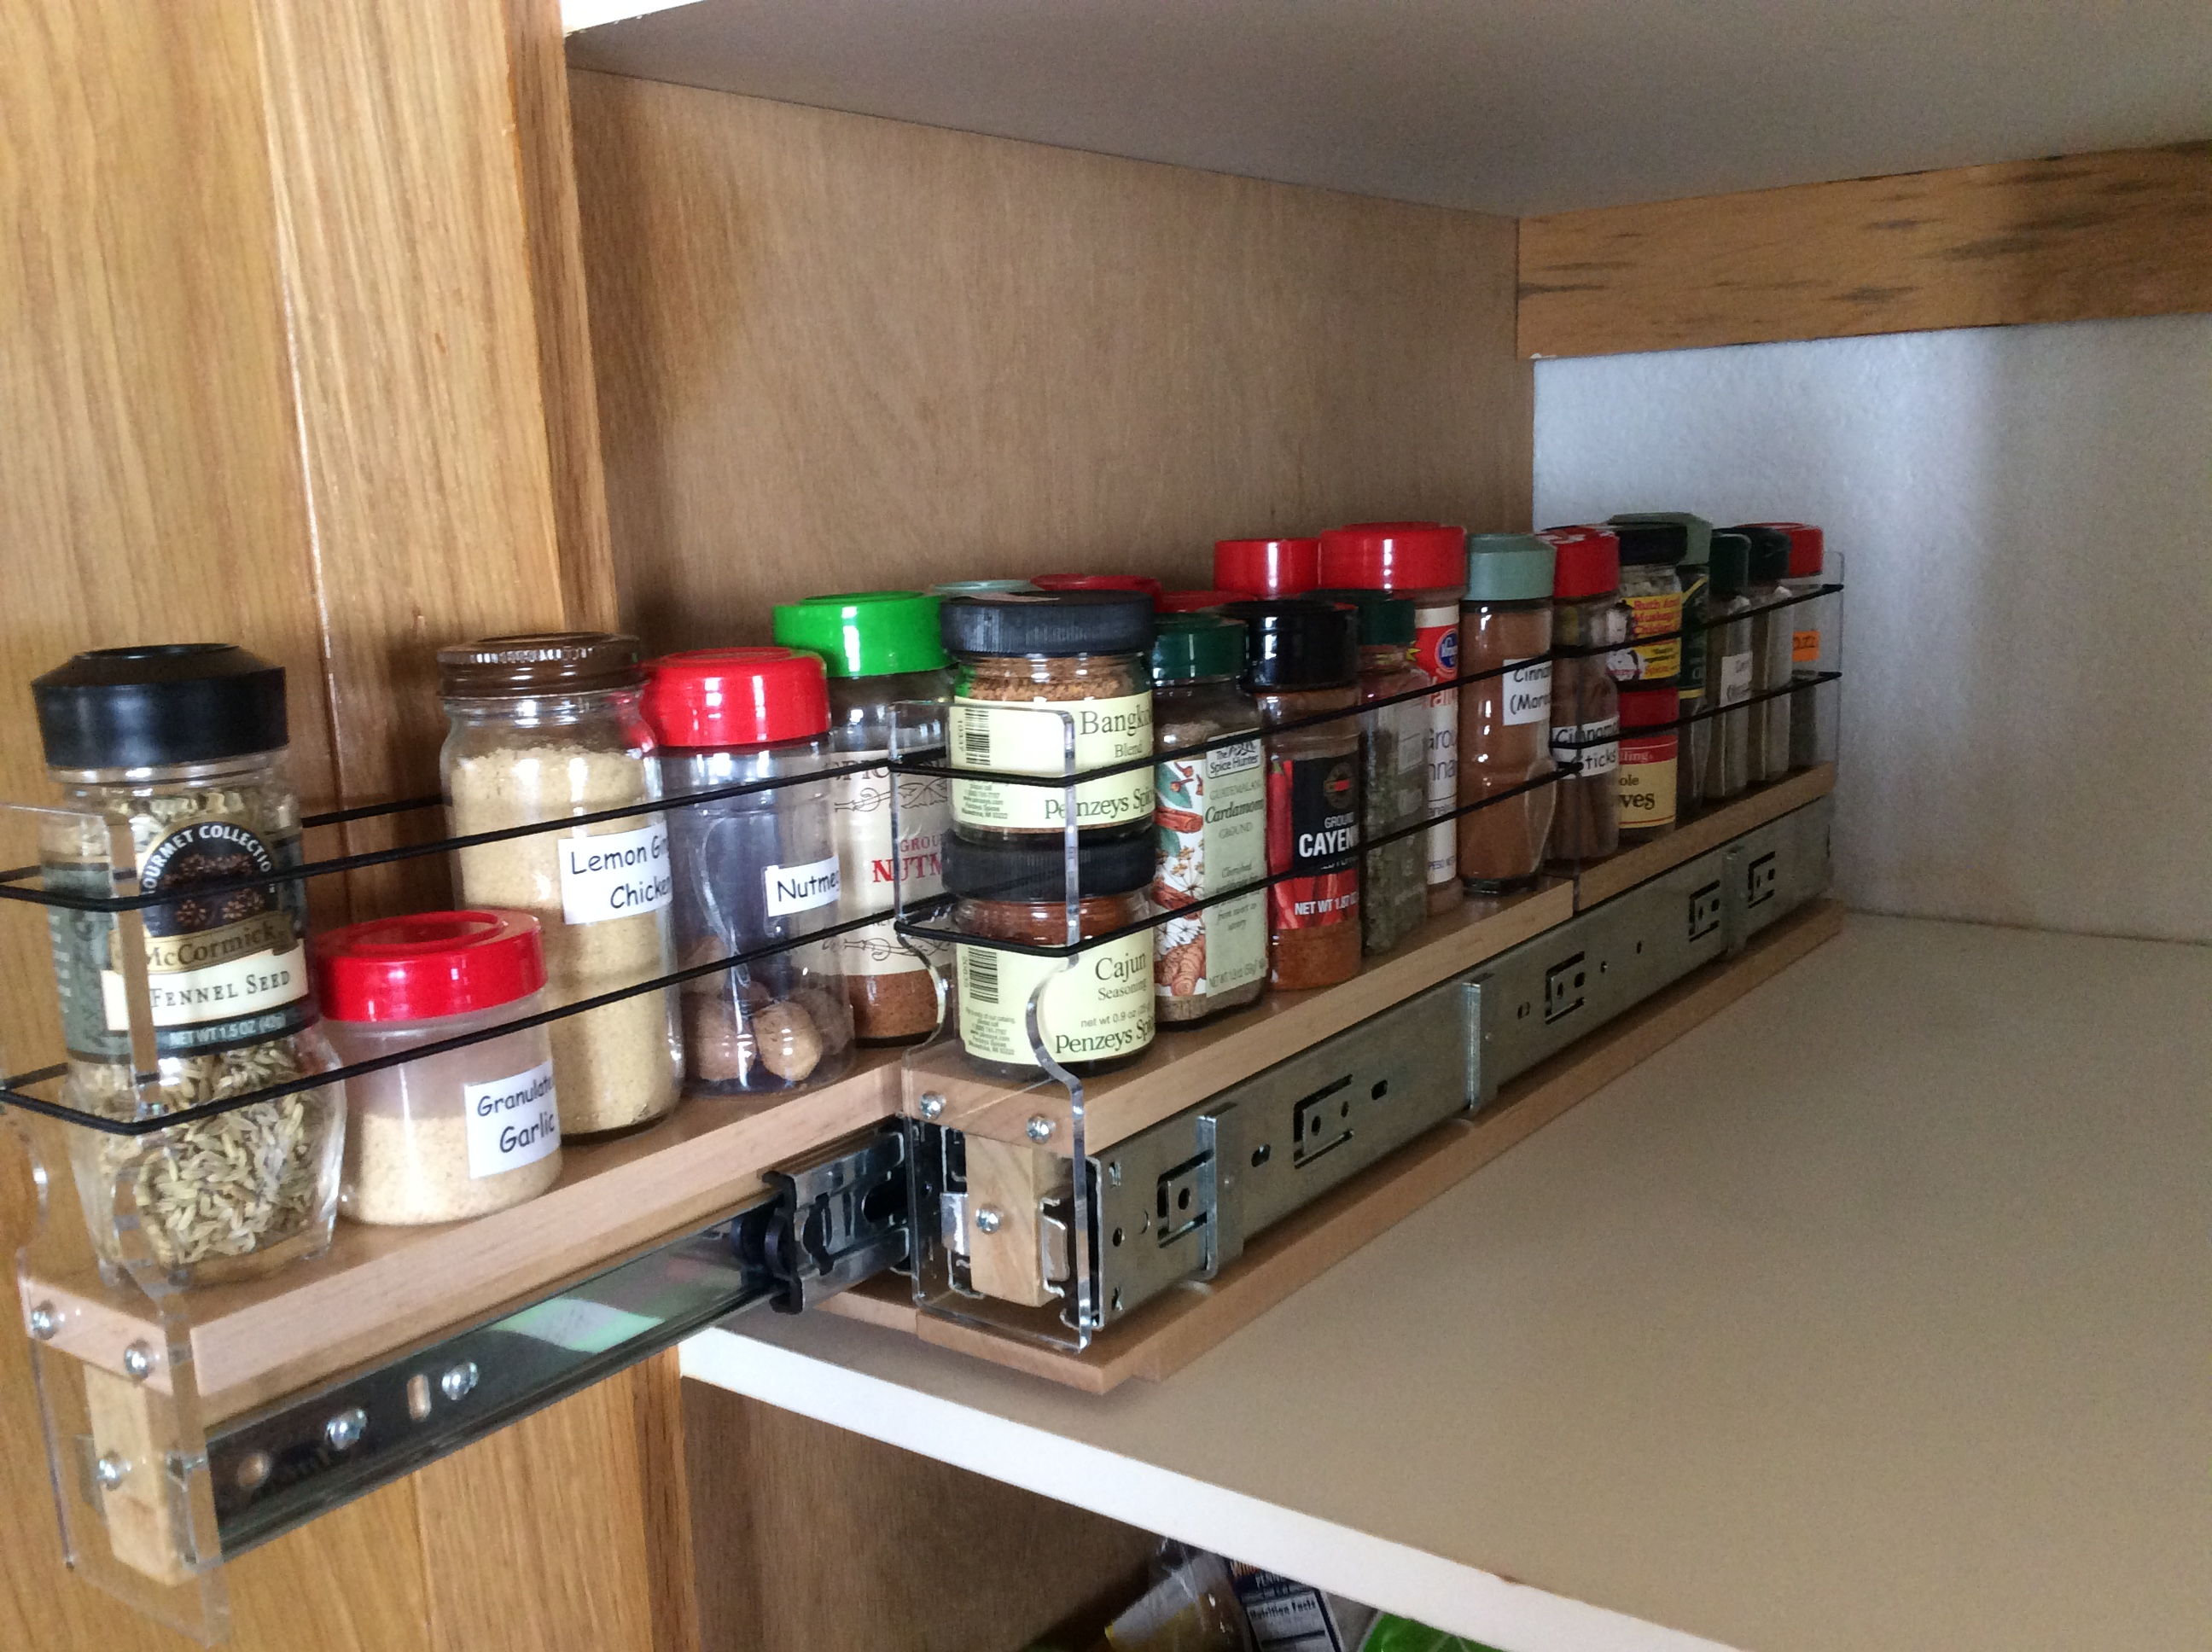 (2) 2x1x22 Spice Racks